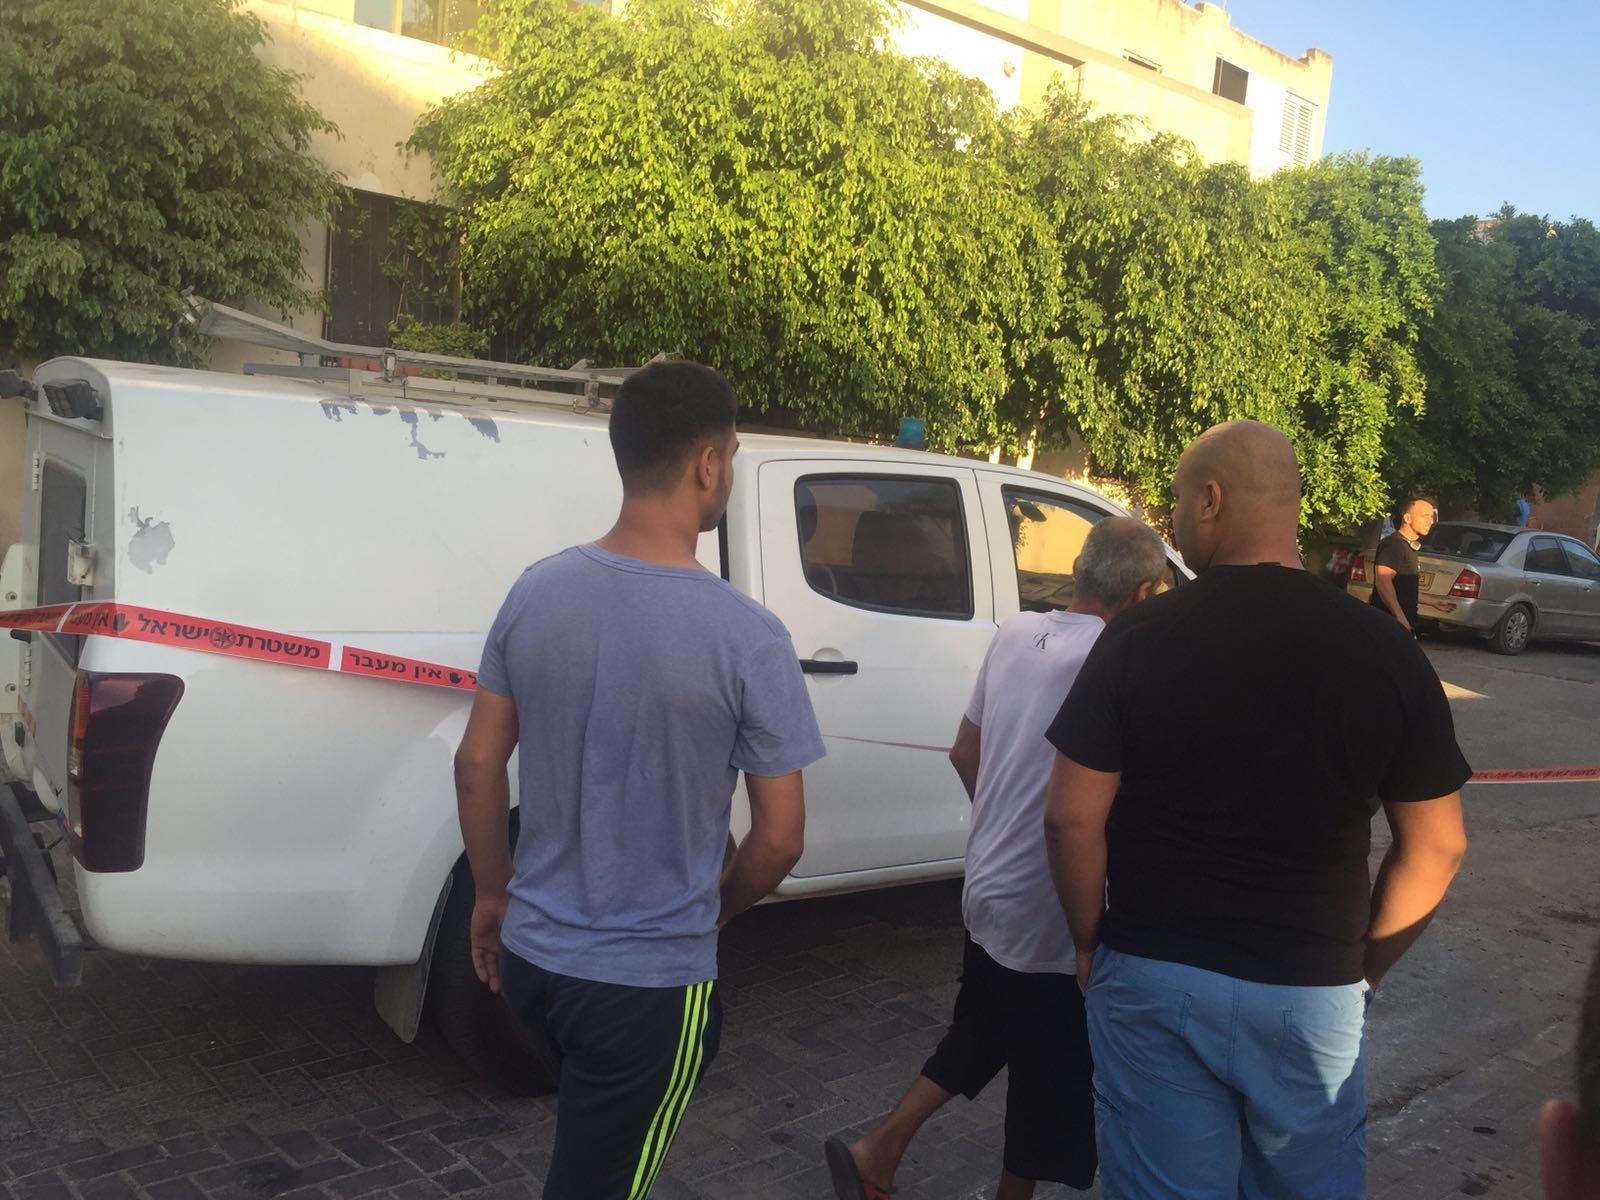 جلجولية: مصابان جراء عيارات نارية والشرطة تباشر التحقيق